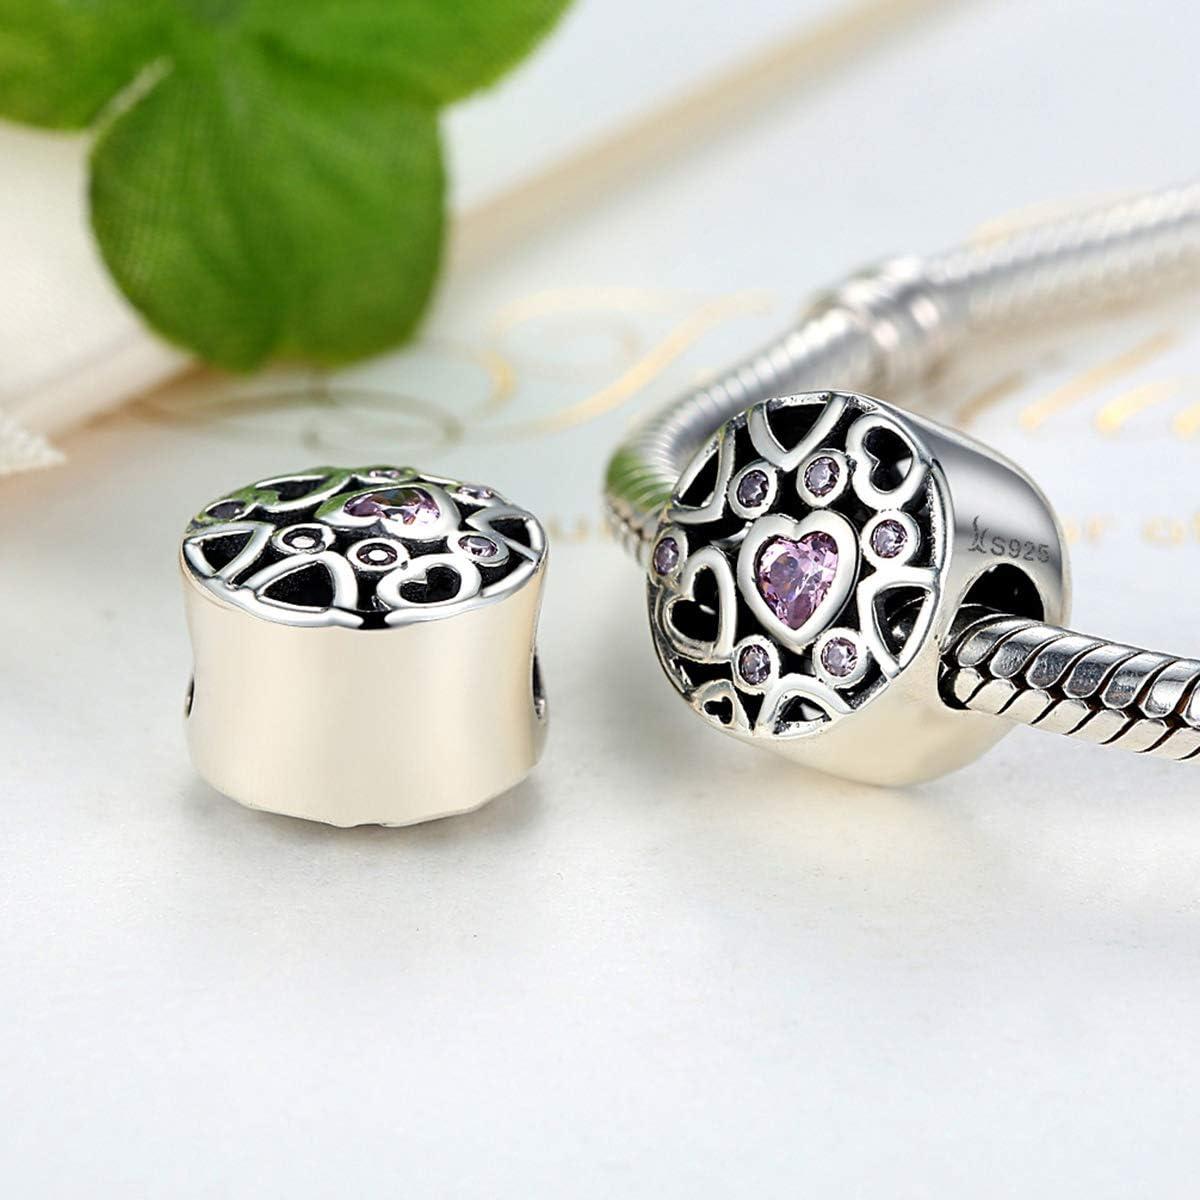 Argent sterling 925 C/œur Cristal Perle charm avec Oxyde de Zirconium Rose pour bracelet /à breloques Collier,F/ête des m/ères Cadeau pour Maman